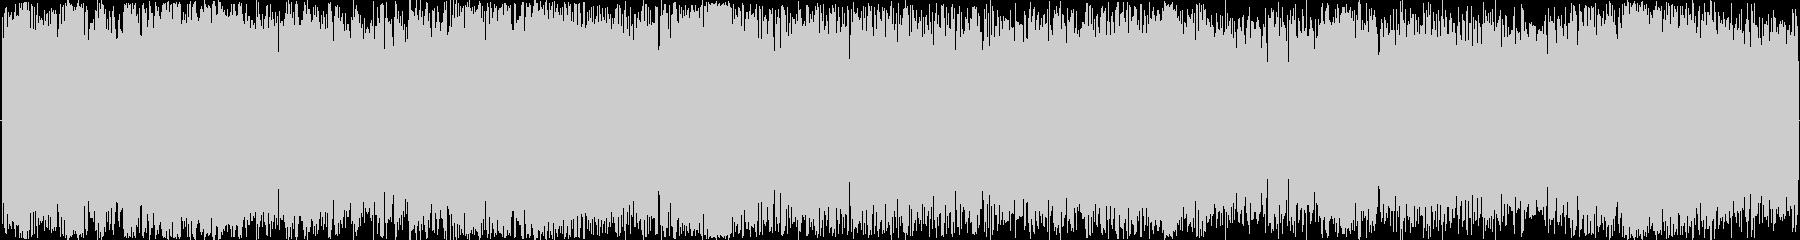 イメージ スクラッチマイバック01の未再生の波形